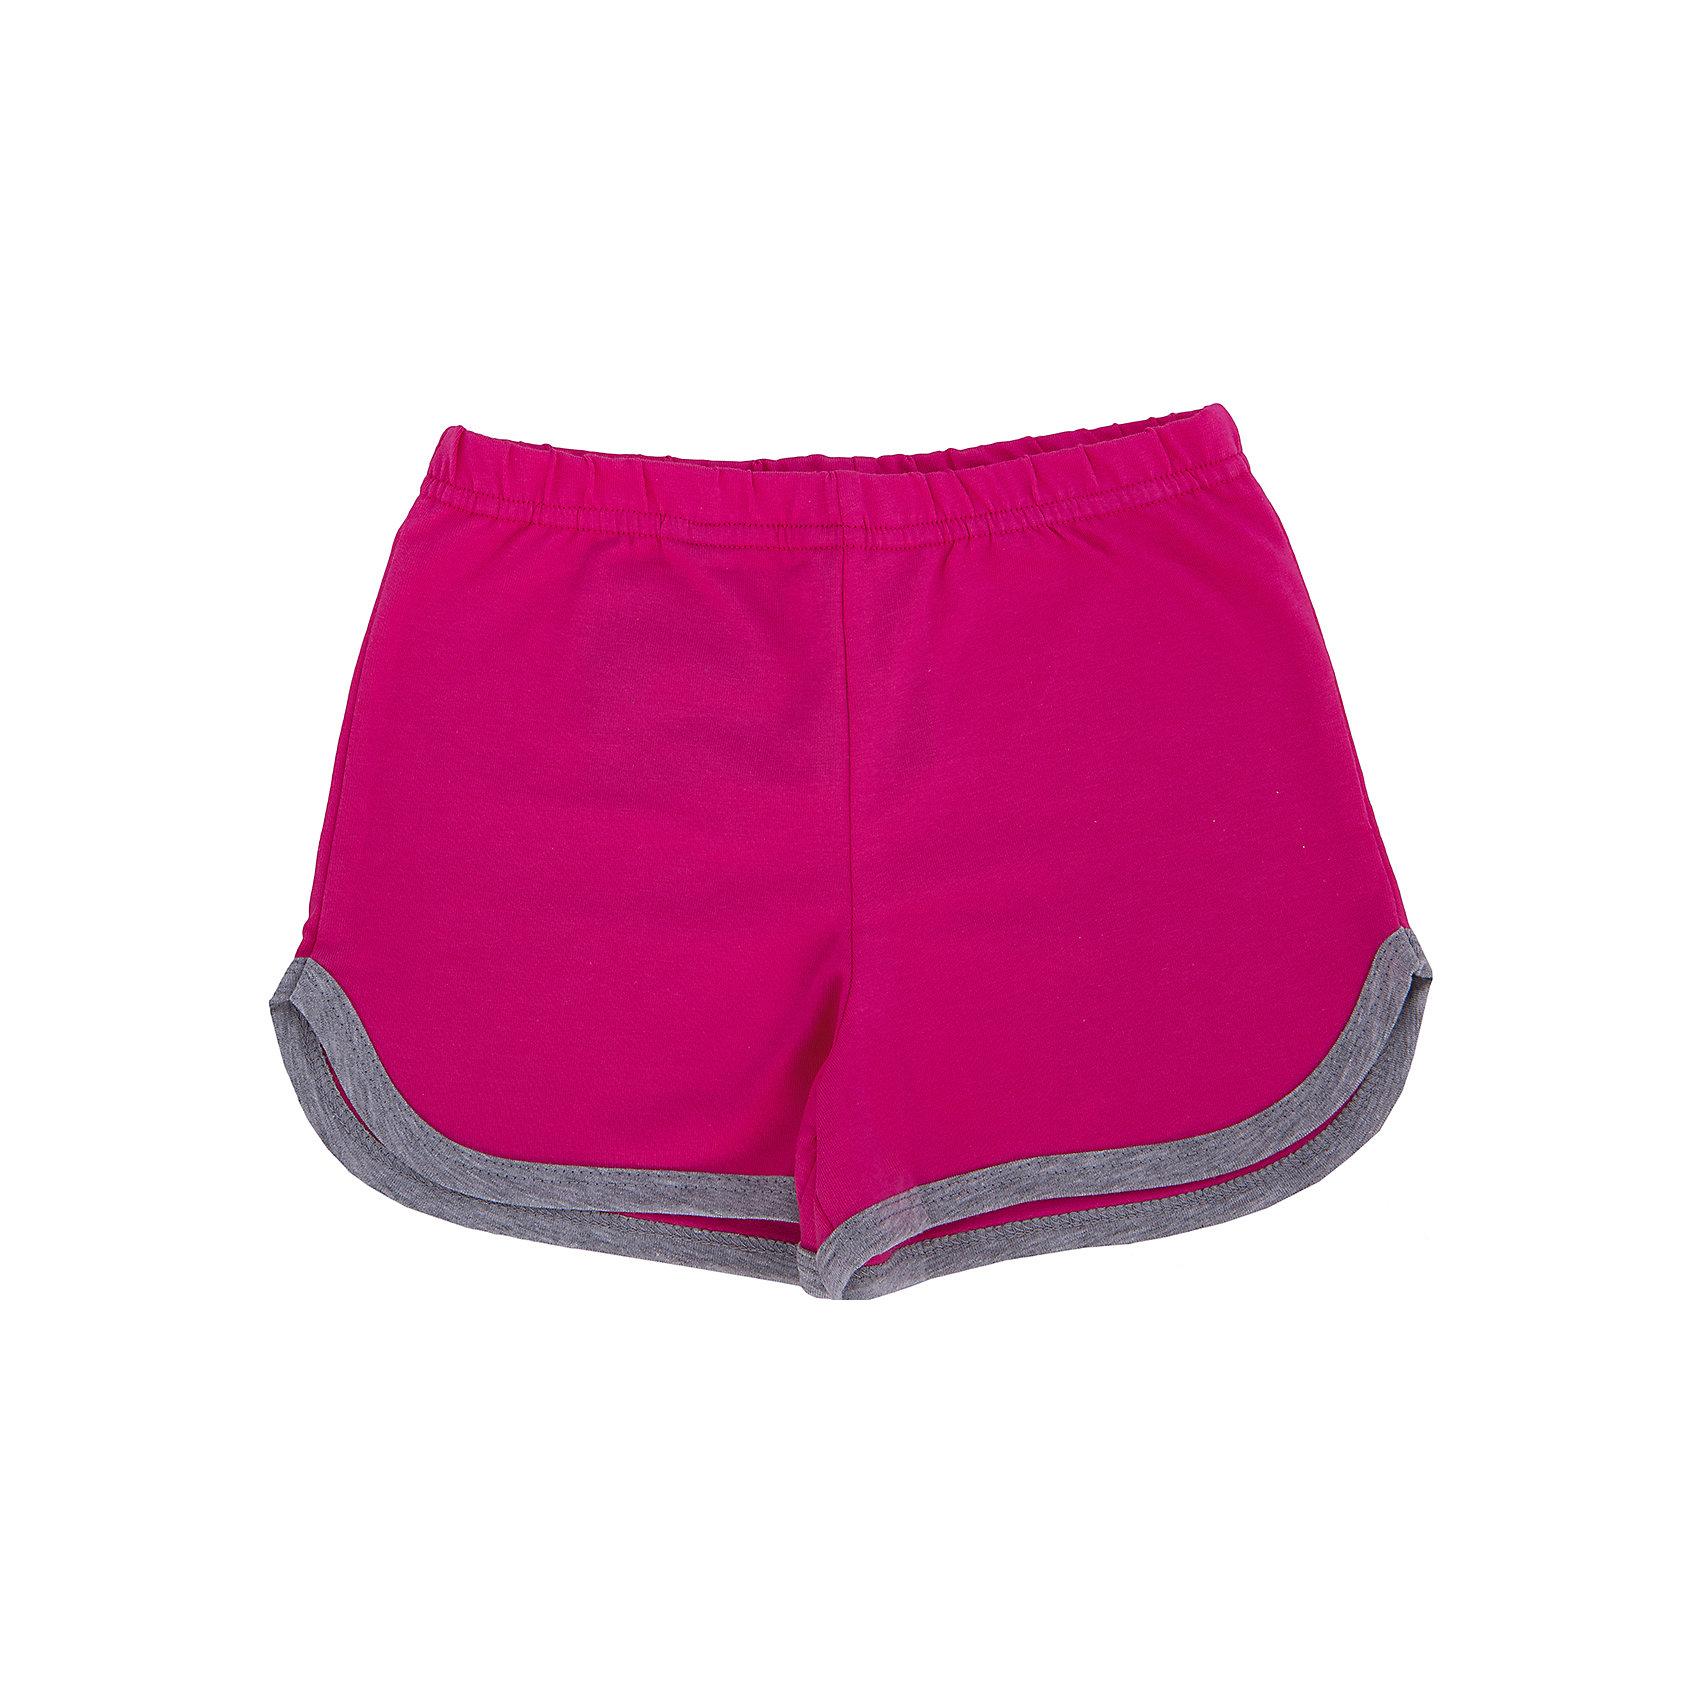 Шорты для девочки АпрельШорты, бриджи, капри<br>Яркие шорты - прекрасный вариант для жаркой погоды! Модель на эластичном поясе декорирована контрастной отделкой.   Шорты выполнены из высококачественного материала очень приятного на ощупь, прекрасно пропускающего воздух. <br><br>Дополнительная информация:<br><br>- Мягкий, приятный на ощупь материал. <br>- Модель на эластичном поясе.<br>Состав: <br>- хлопок 92%, лайкра 8%.<br><br>Шорты для девочки, Апрель, можно купить в нашем магазине.<br><br>Ширина мм: 191<br>Глубина мм: 10<br>Высота мм: 175<br>Вес г: 273<br>Цвет: розовый<br>Возраст от месяцев: 60<br>Возраст до месяцев: 72<br>Пол: Женский<br>Возраст: Детский<br>Размер: 116,146,140,134,128,122<br>SKU: 4763559